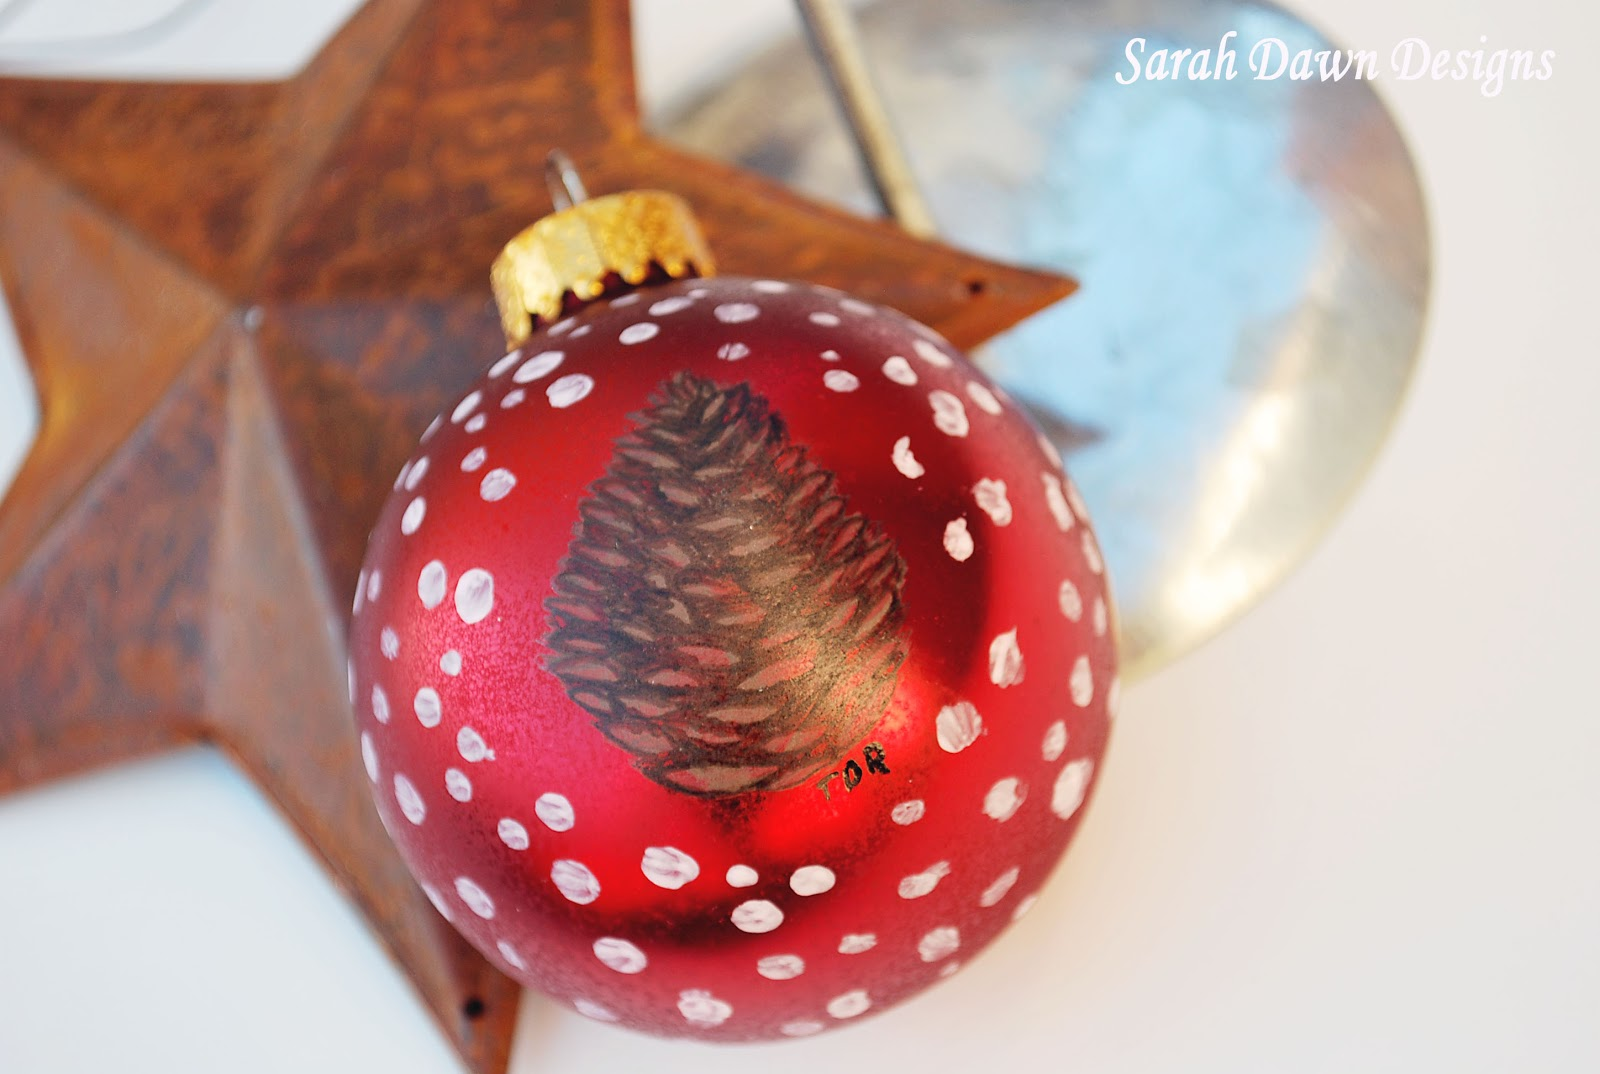 Sarah Dawn Designs Easy Handmade Gift Ideas